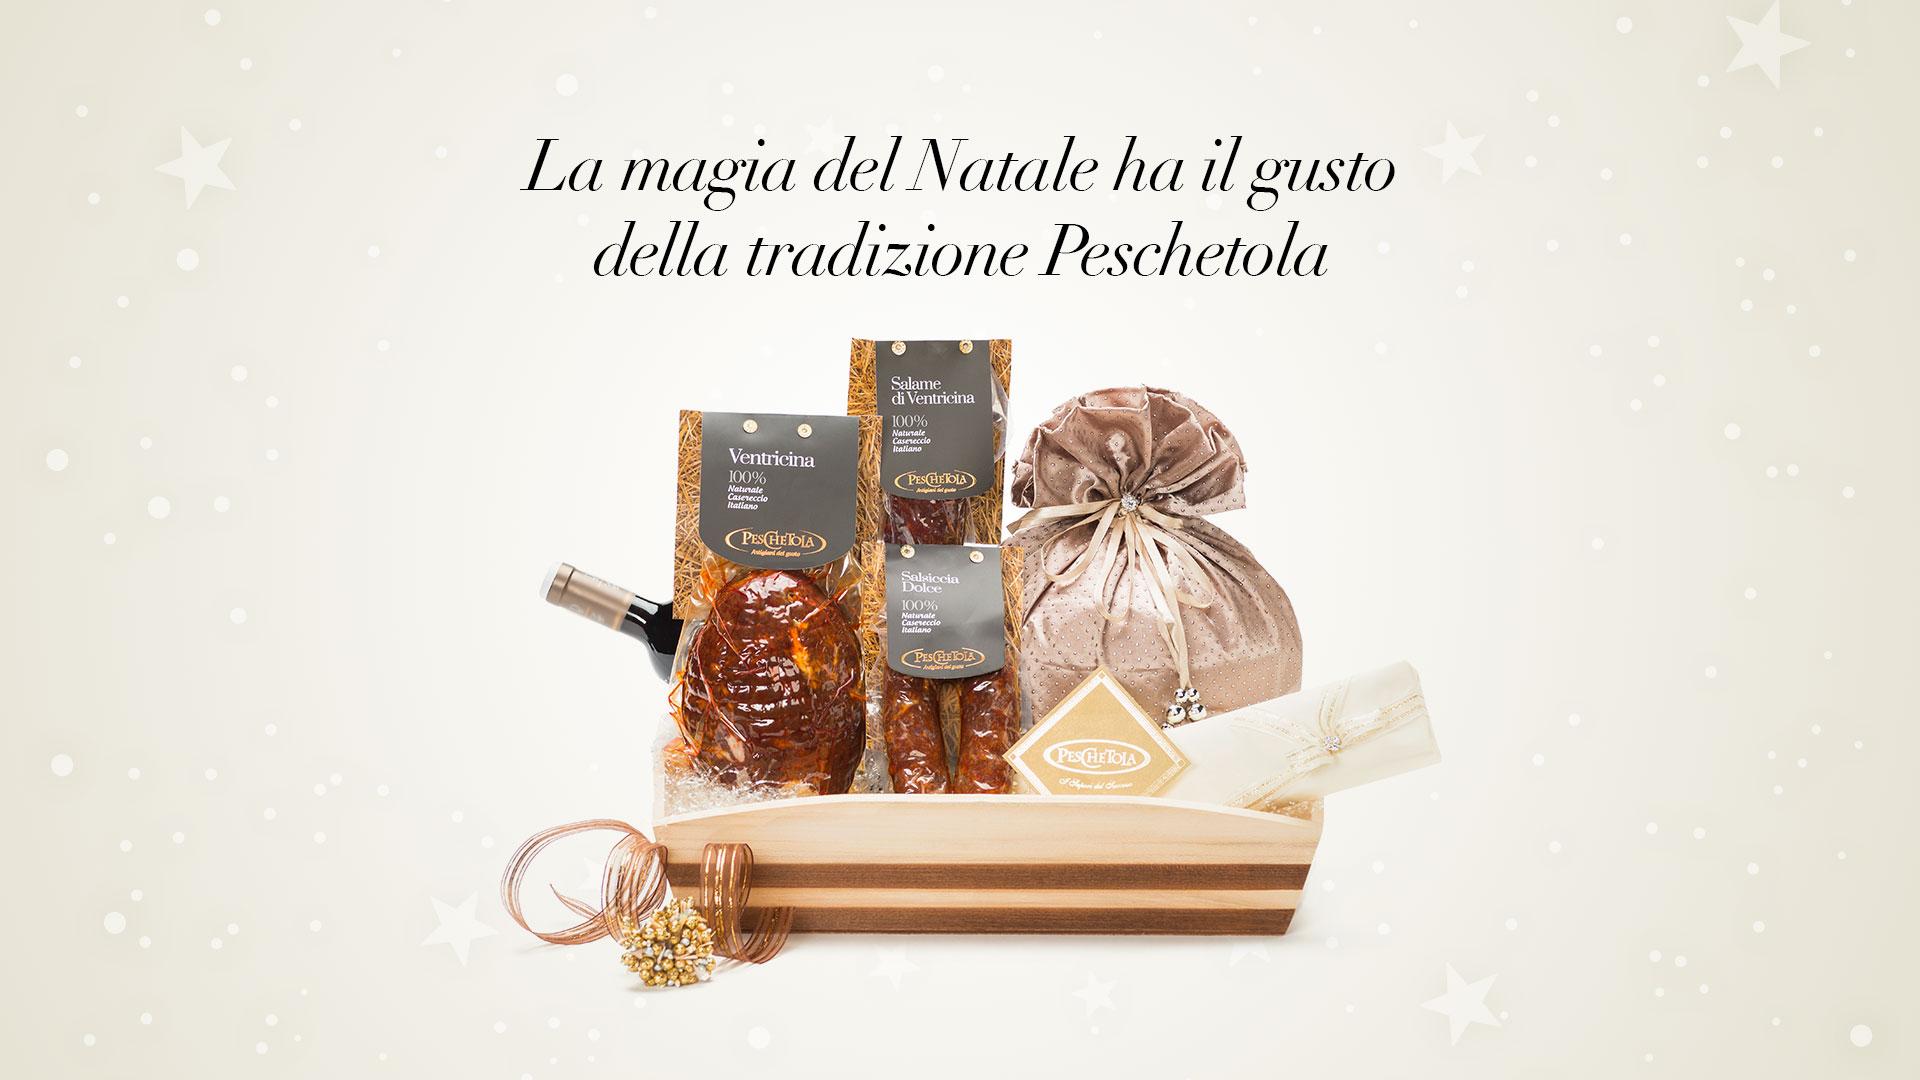 La magia del Natale ha il gusto della tradizione Peschetola